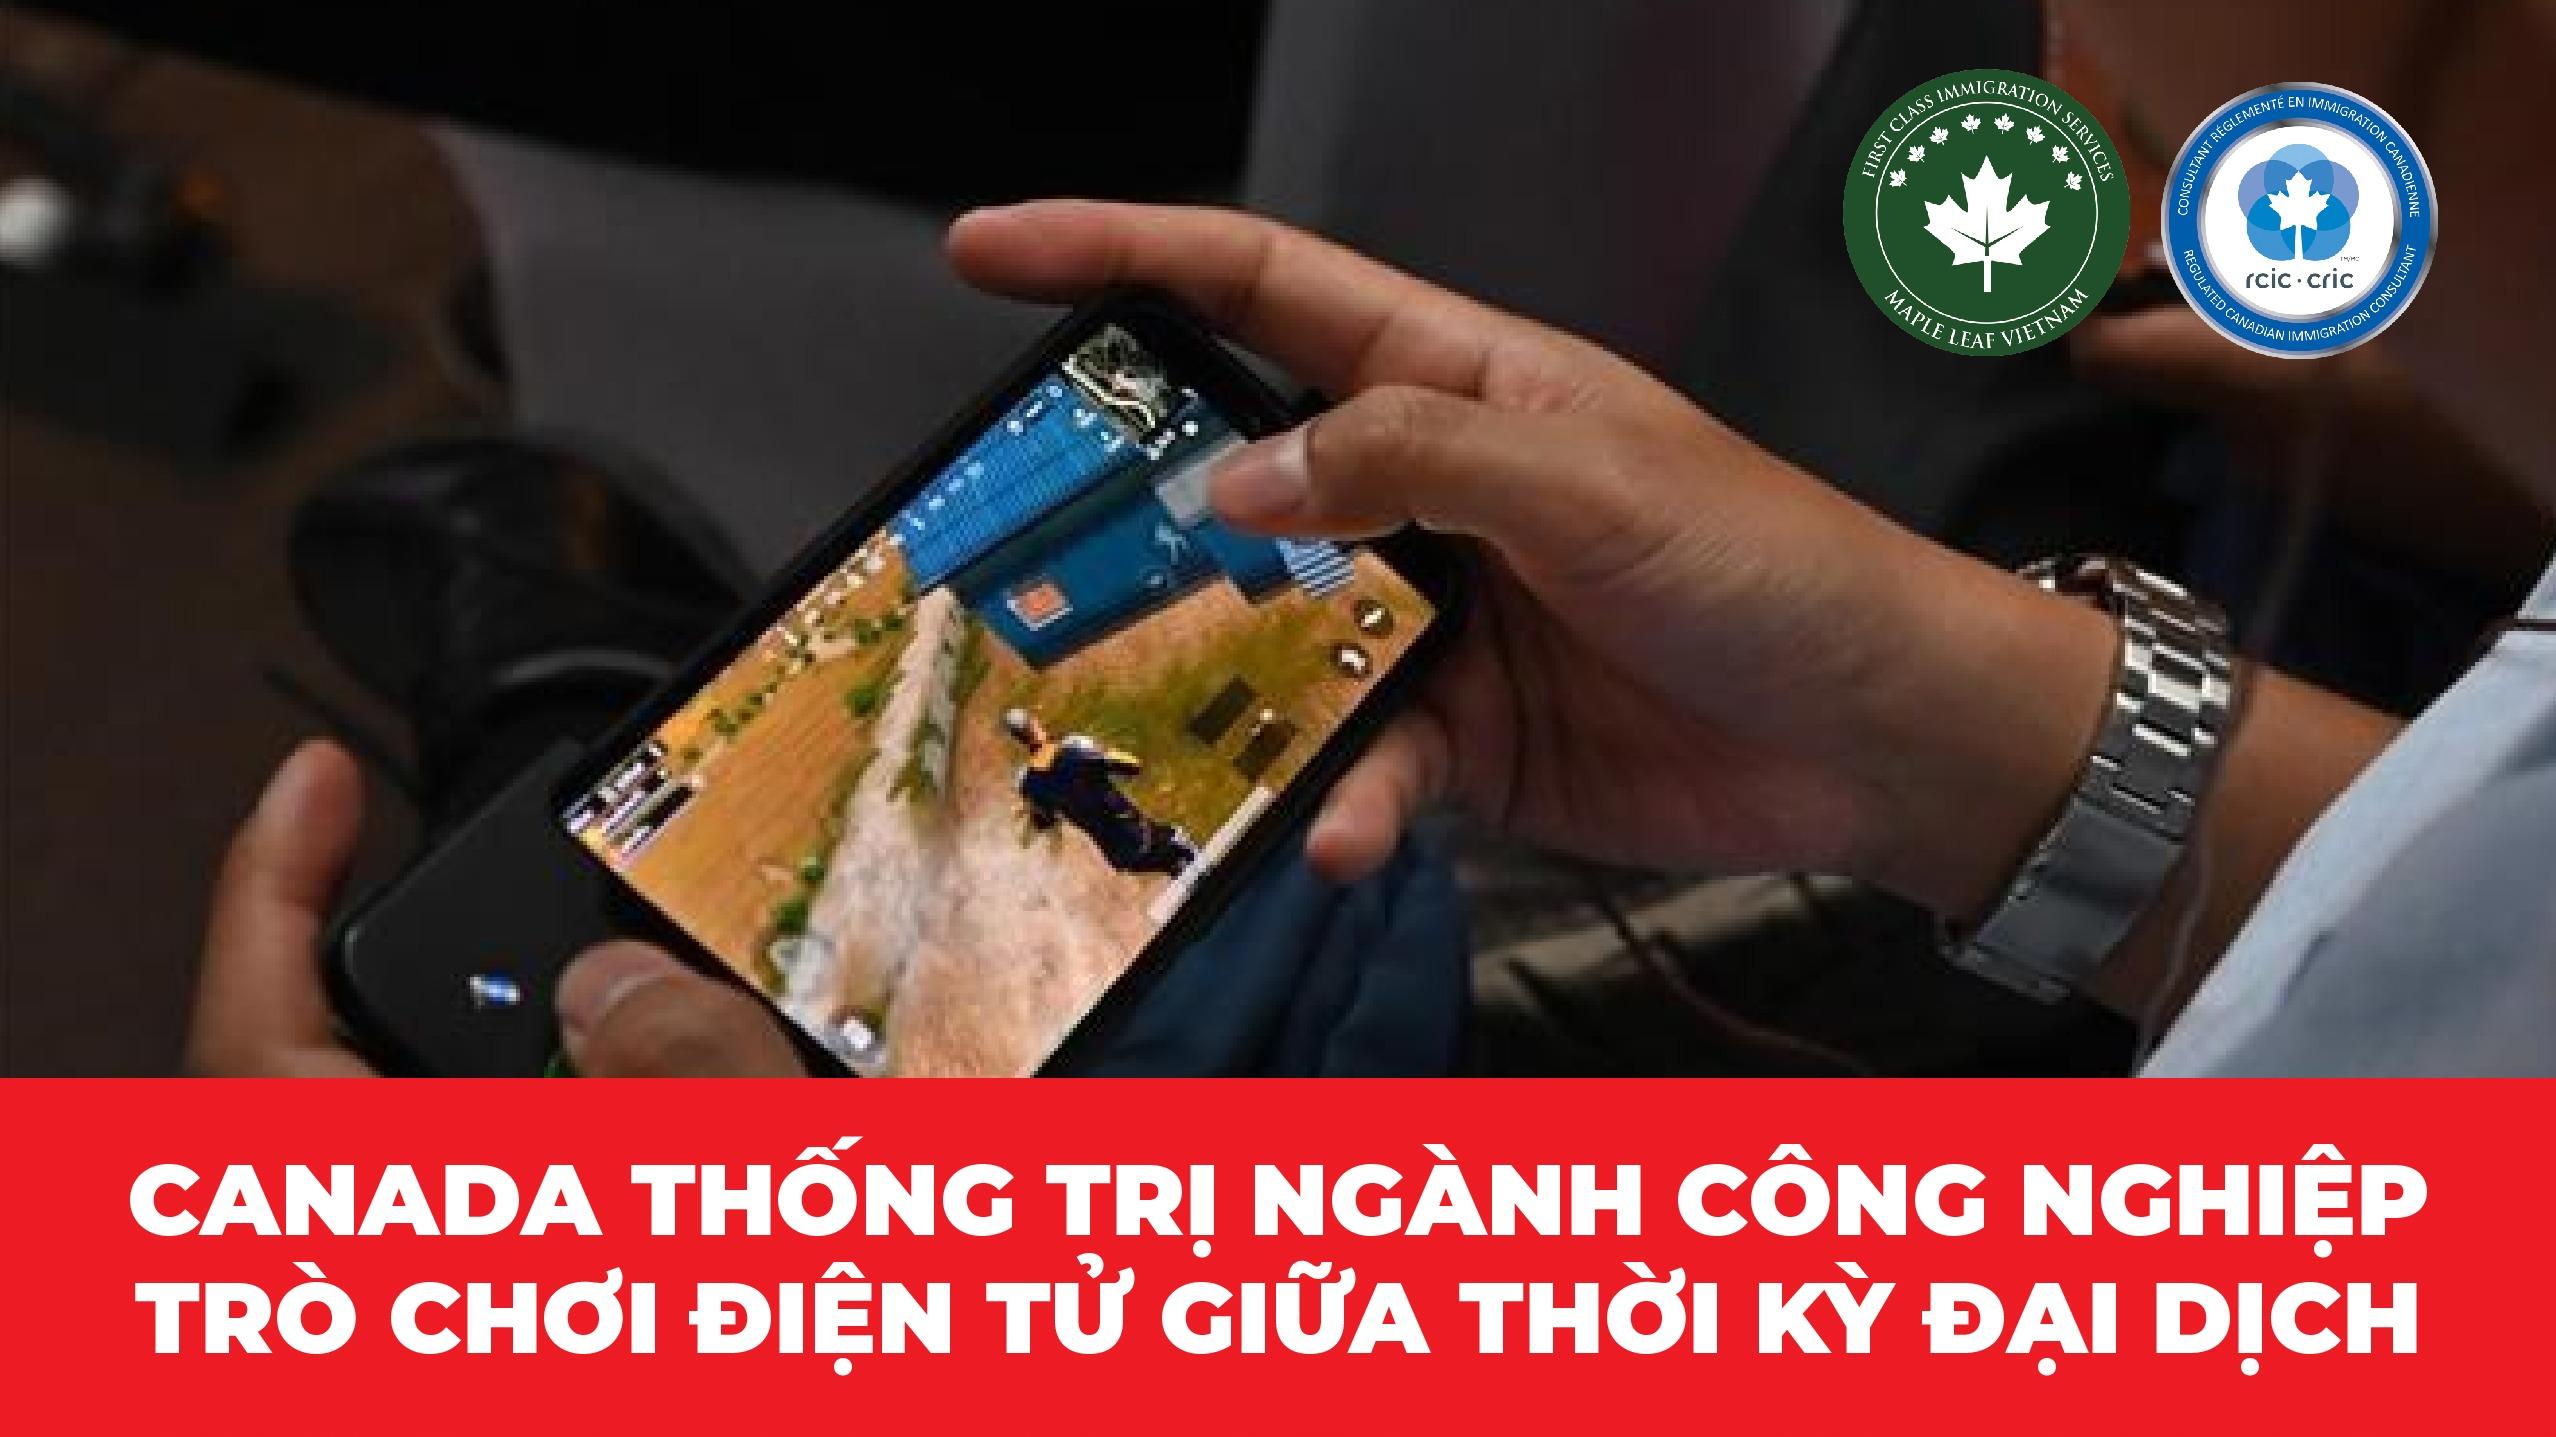 canada-thong-tri-nganh-cong-nghiep-tro-choi-dien-tu-giua-thoi-ky-dai-dich